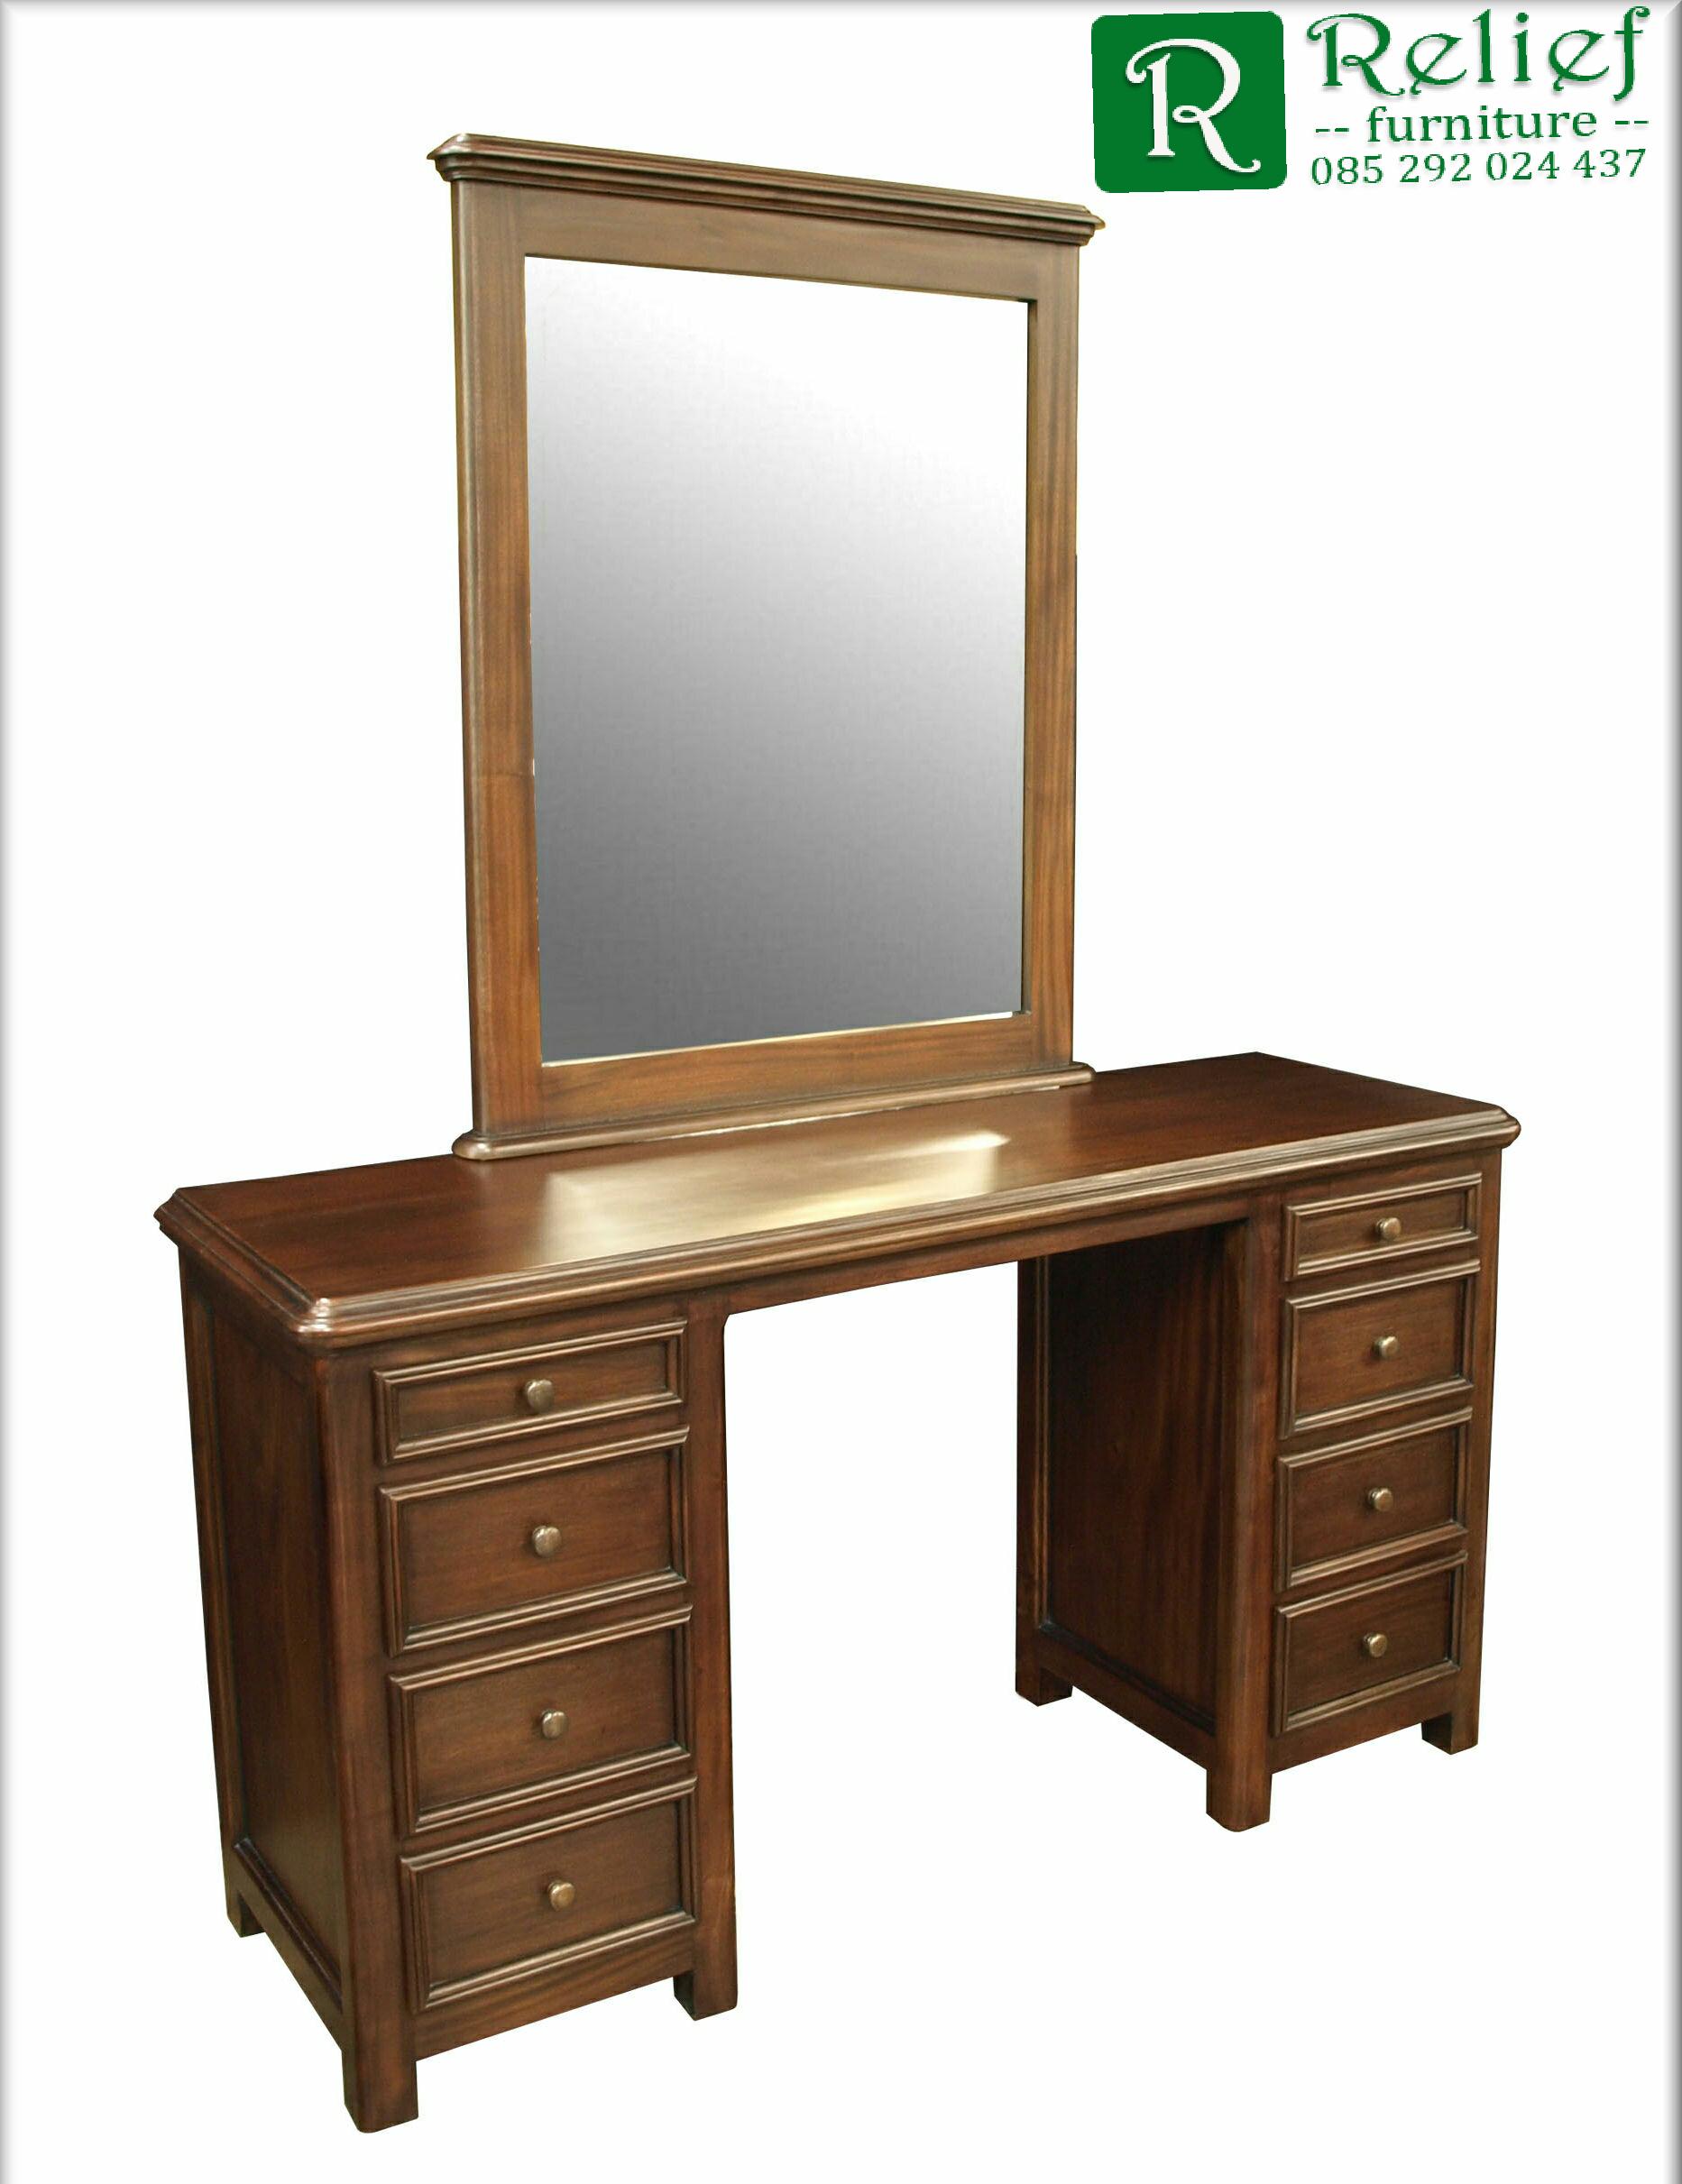 MEJA RIAS MINIMALIS MEWAH 2,meja rias ukir,meja rias minimalis,cermin rias ukir,cermin rias mewah,cermin rias minimalis,meja consule,meja konsule,meja pajangan,tempat hias